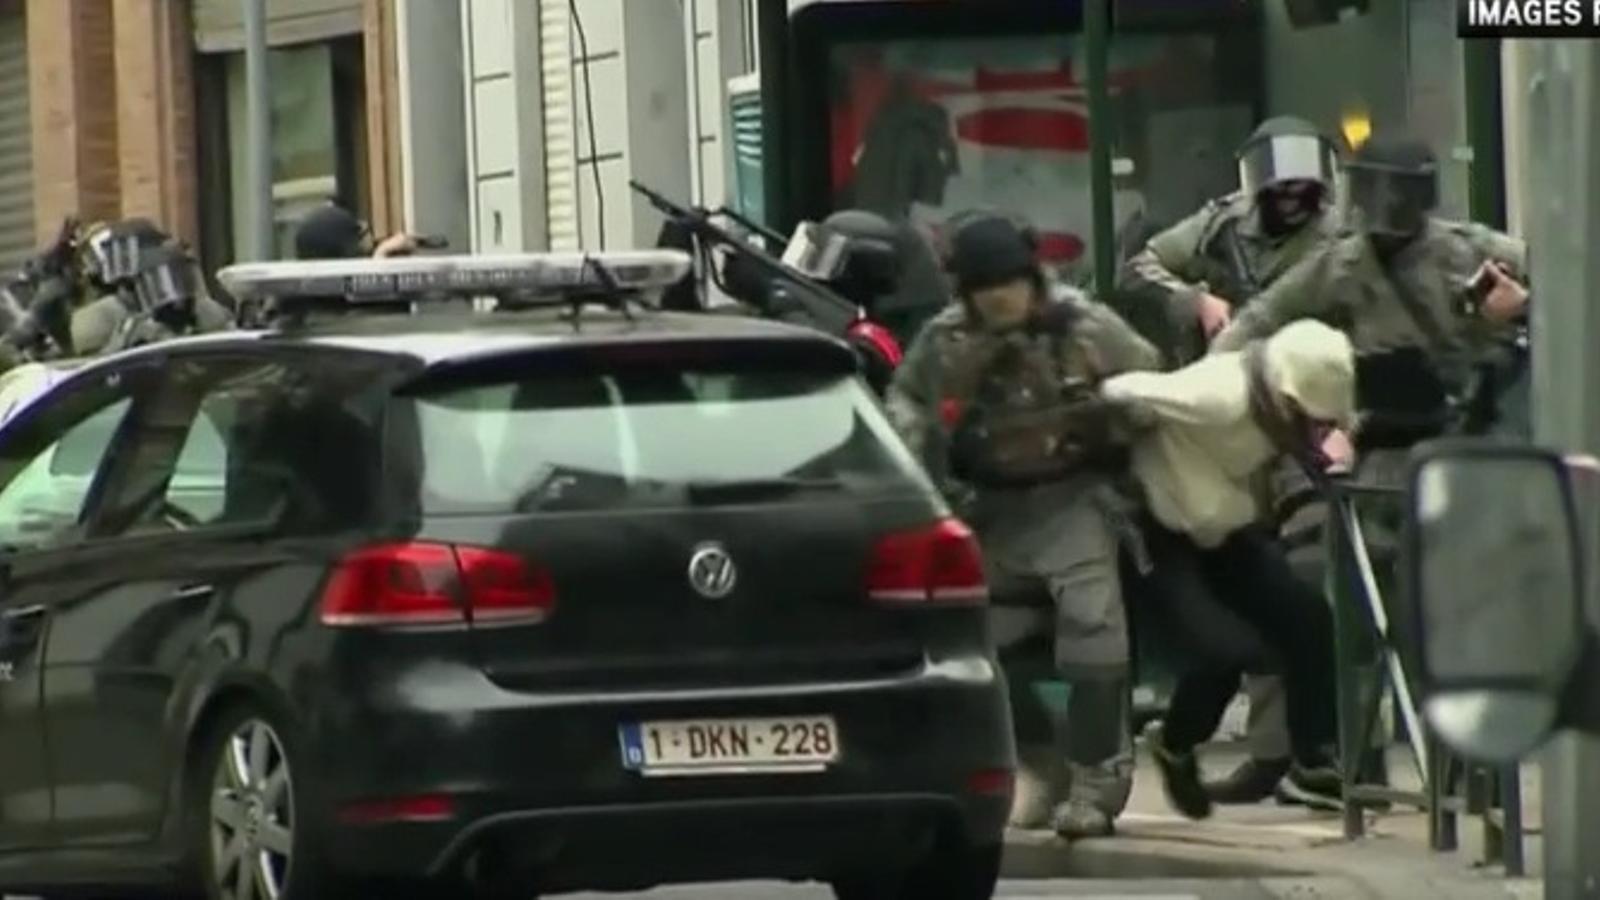 Detingut a Brussel·les el cervell dels atemptats de París